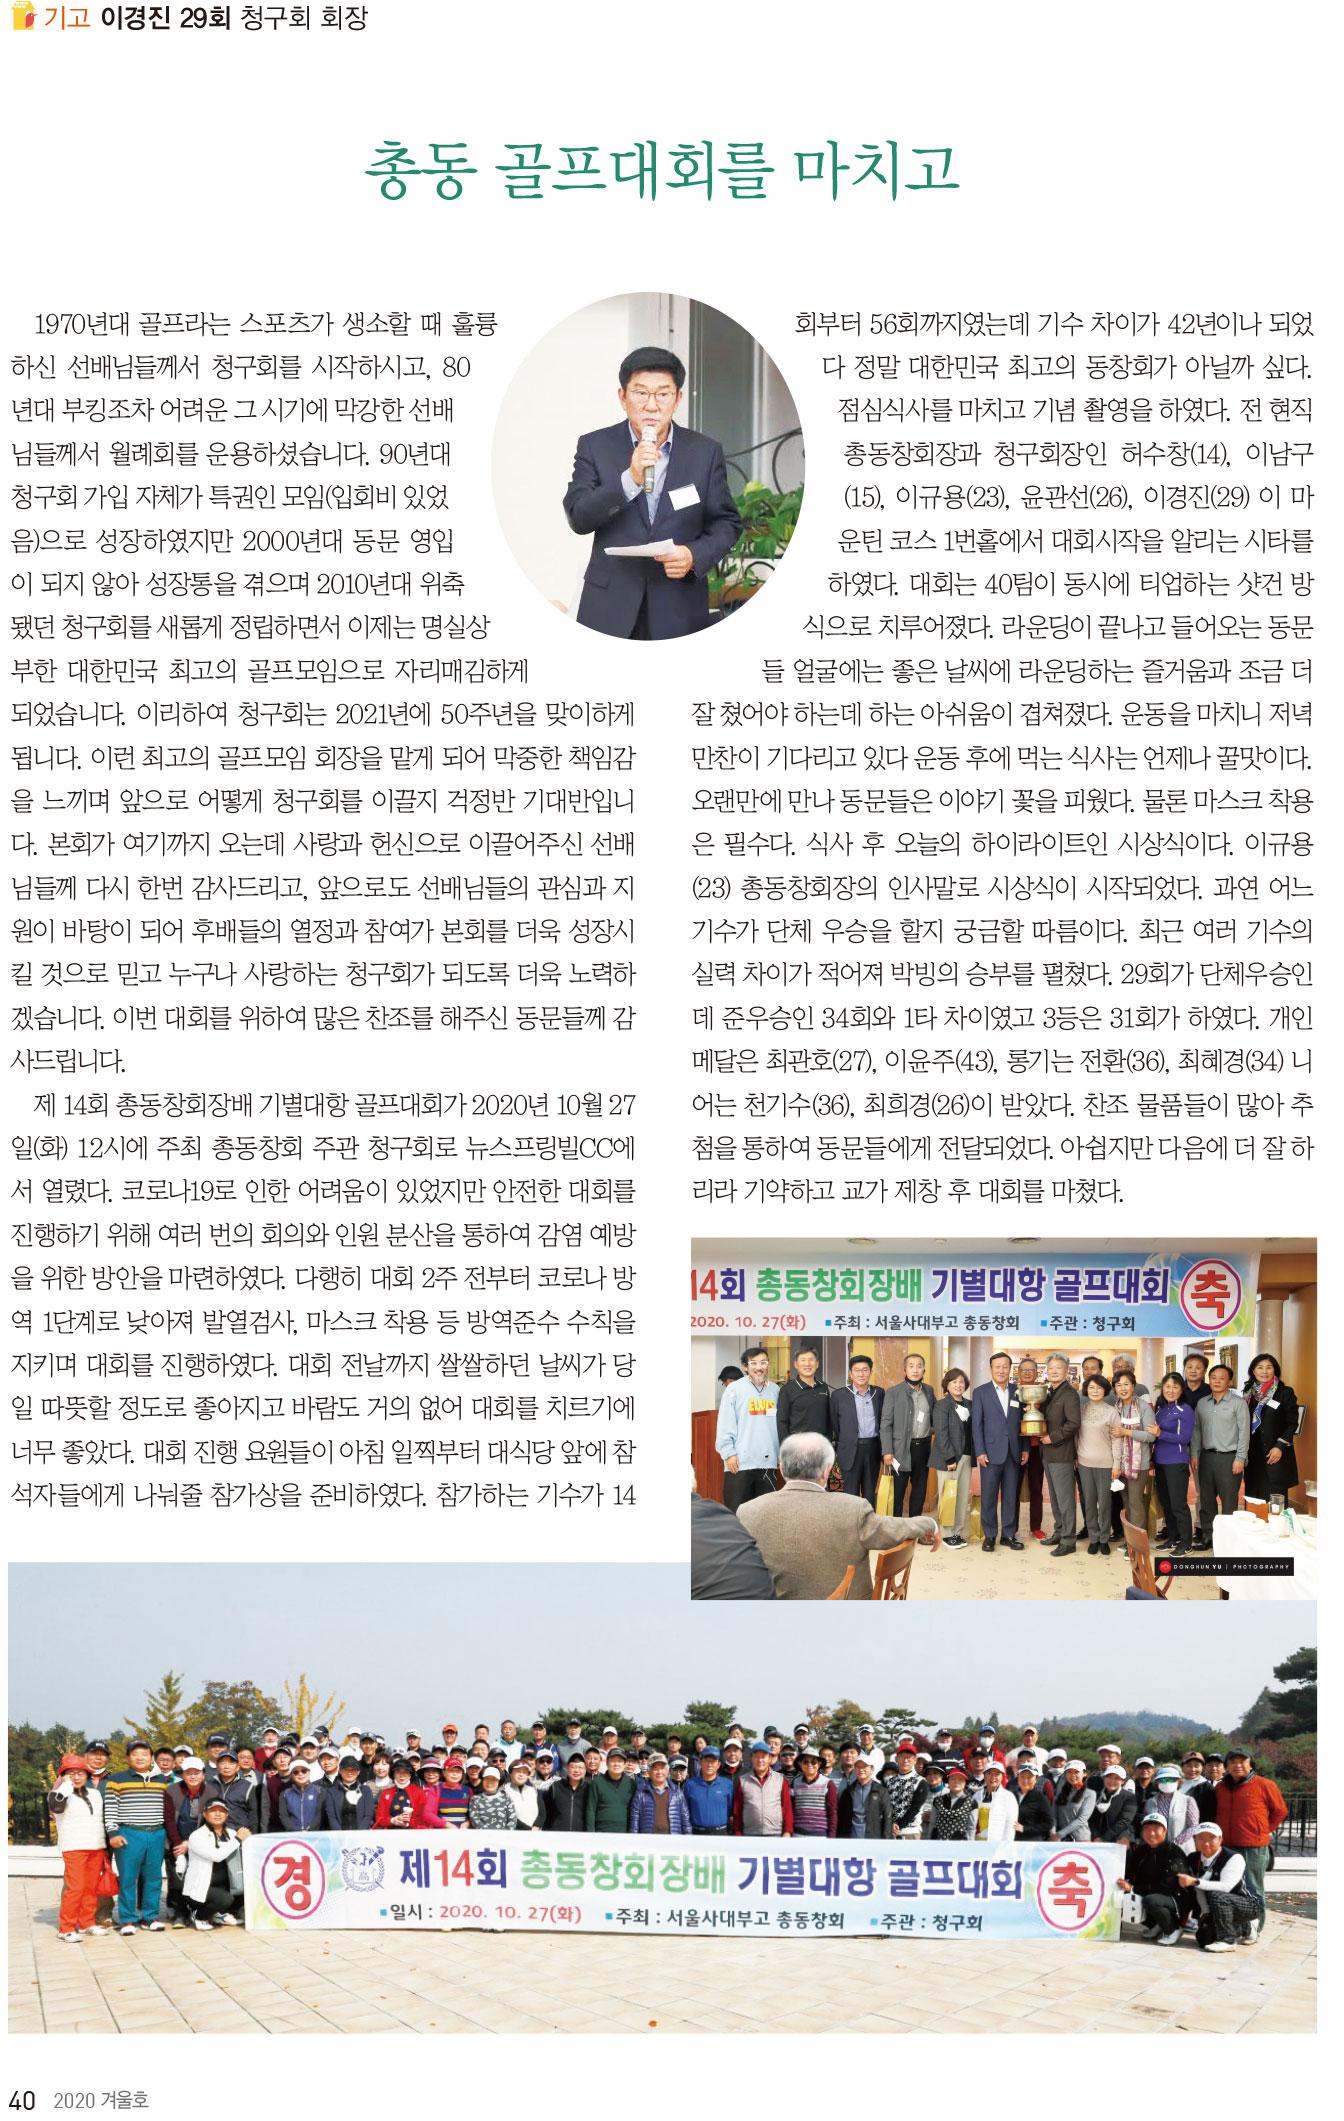 서울사대부고-115호-홈페이지-40.jpg